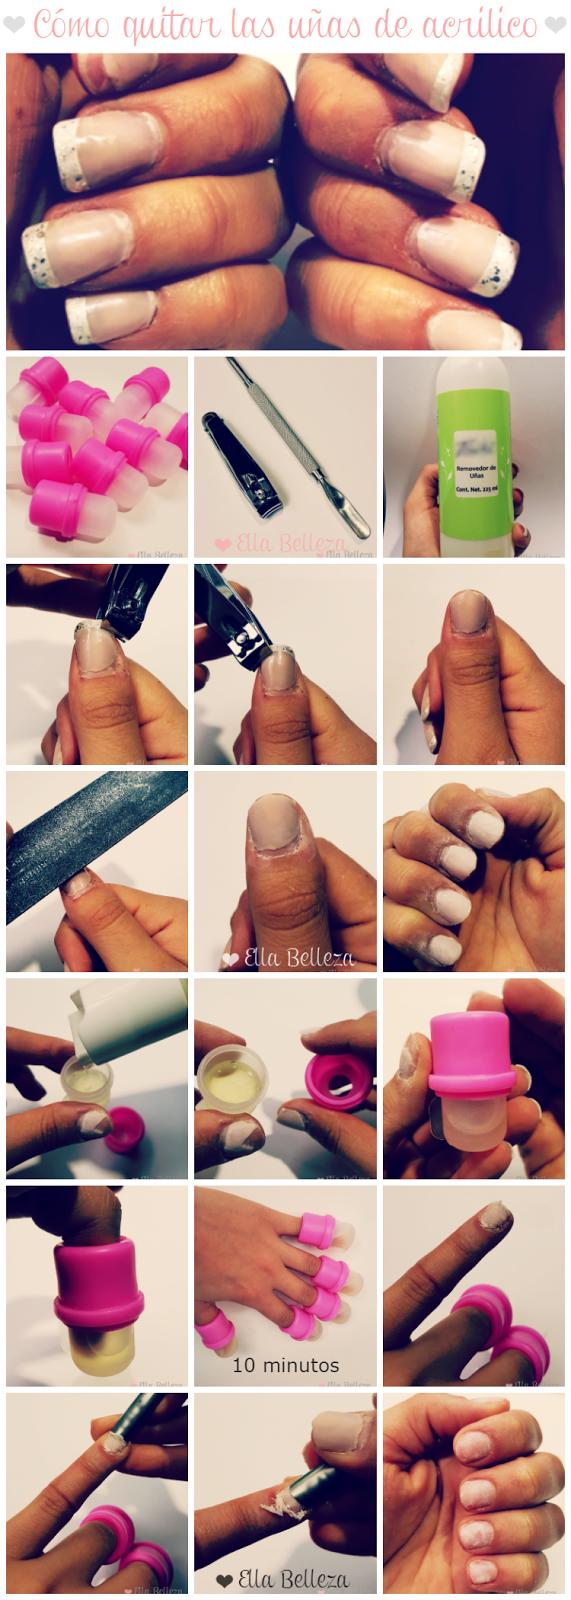 Cómo quitar uñas de acrílico